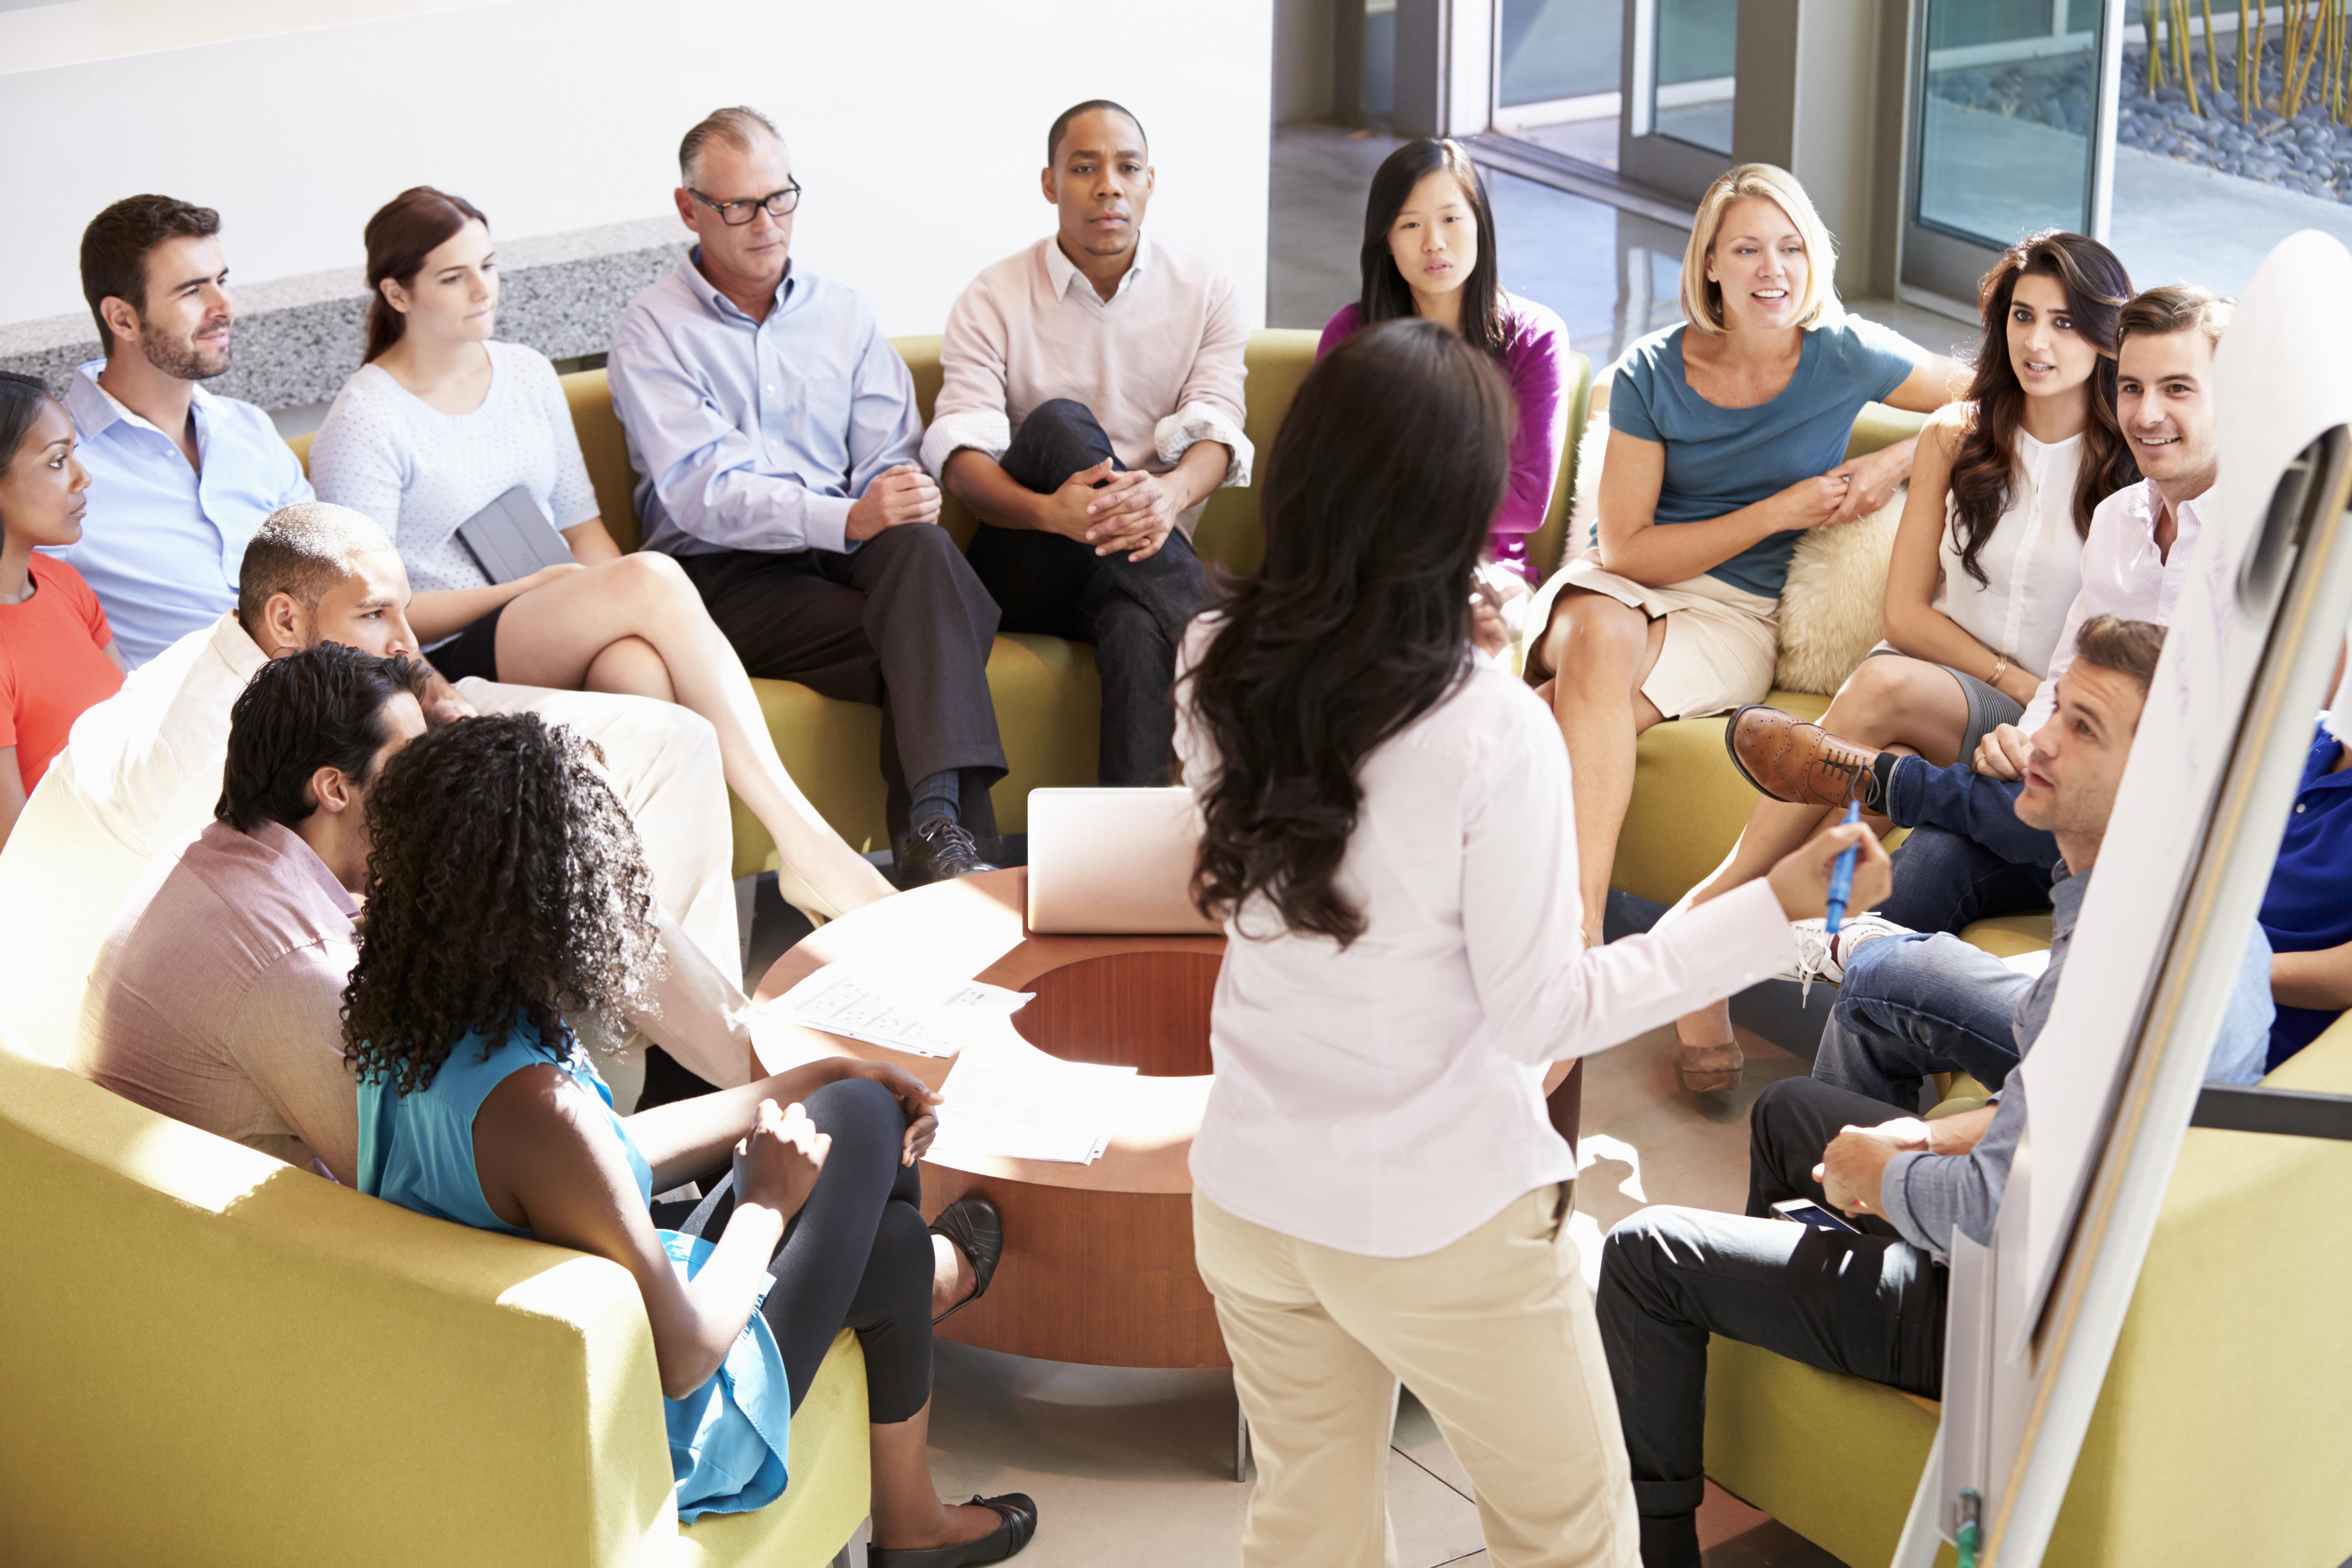 businesswoman-making-presentation-to-office-PRZ3LZR.jpg